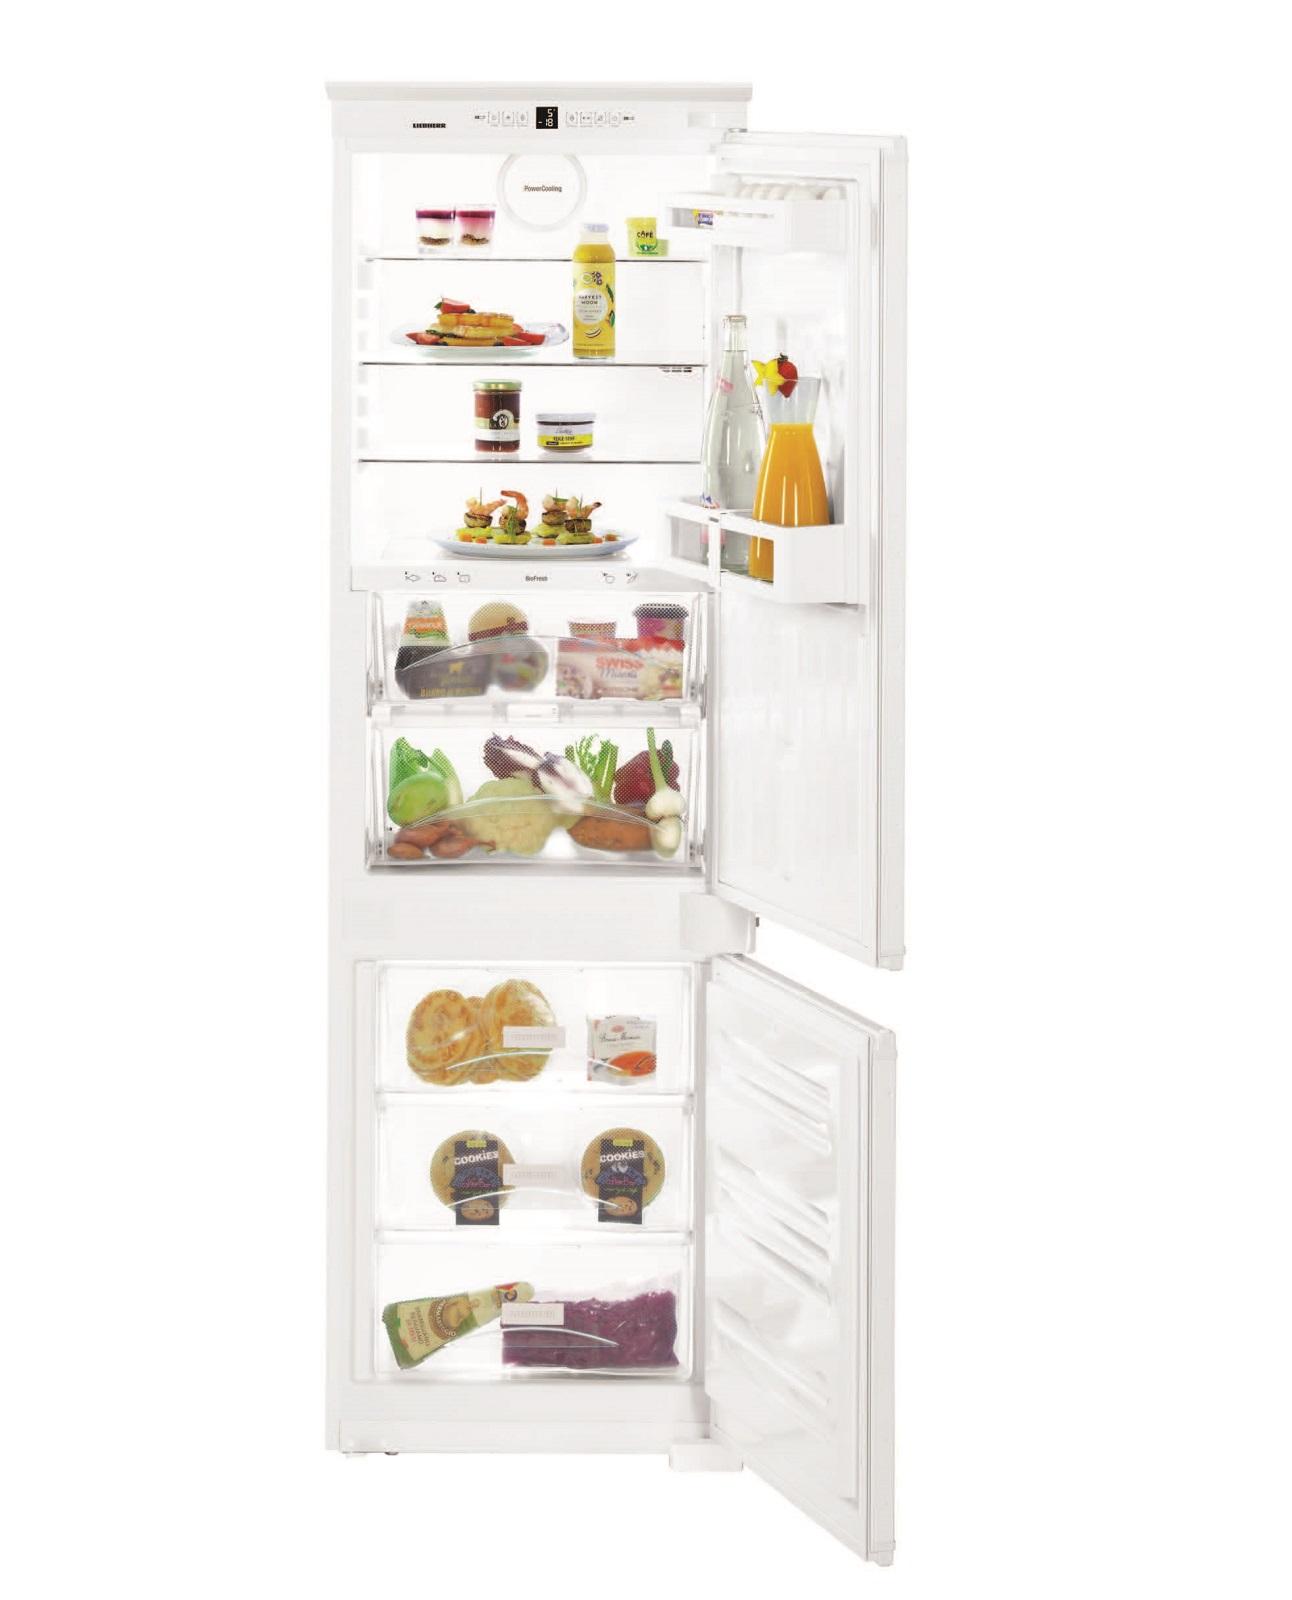 купить Встраиваемый двухкамерный холодильник Liebherr ICBS 3324 Украина фото 0